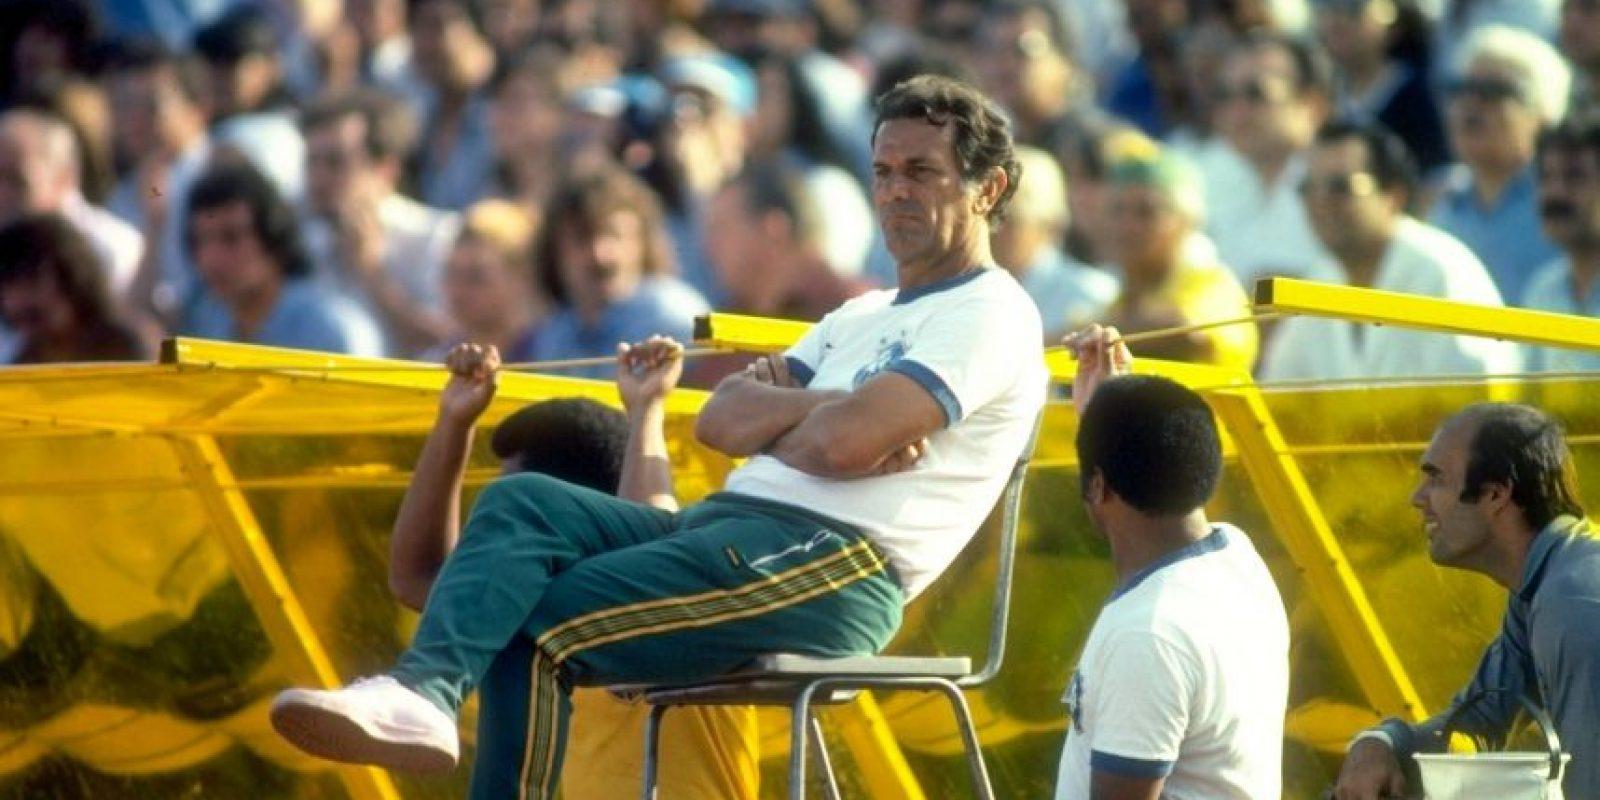 20.-Tele Santana (17 títulos): Dirigió en diversos clubes de Brasil y también en la selección. Sin embargo, fue a nivel de equipos donde obtuvo sus más éxitos y así sumó títulos con Fluminense, Atlético Mineiro, Flamengo y Sao Paulo, donde tuvo su mejor rendimiento y ganó, entre otros trofeos, la Copa Libertadores de 1992 y 1993. Foto:Getty Images